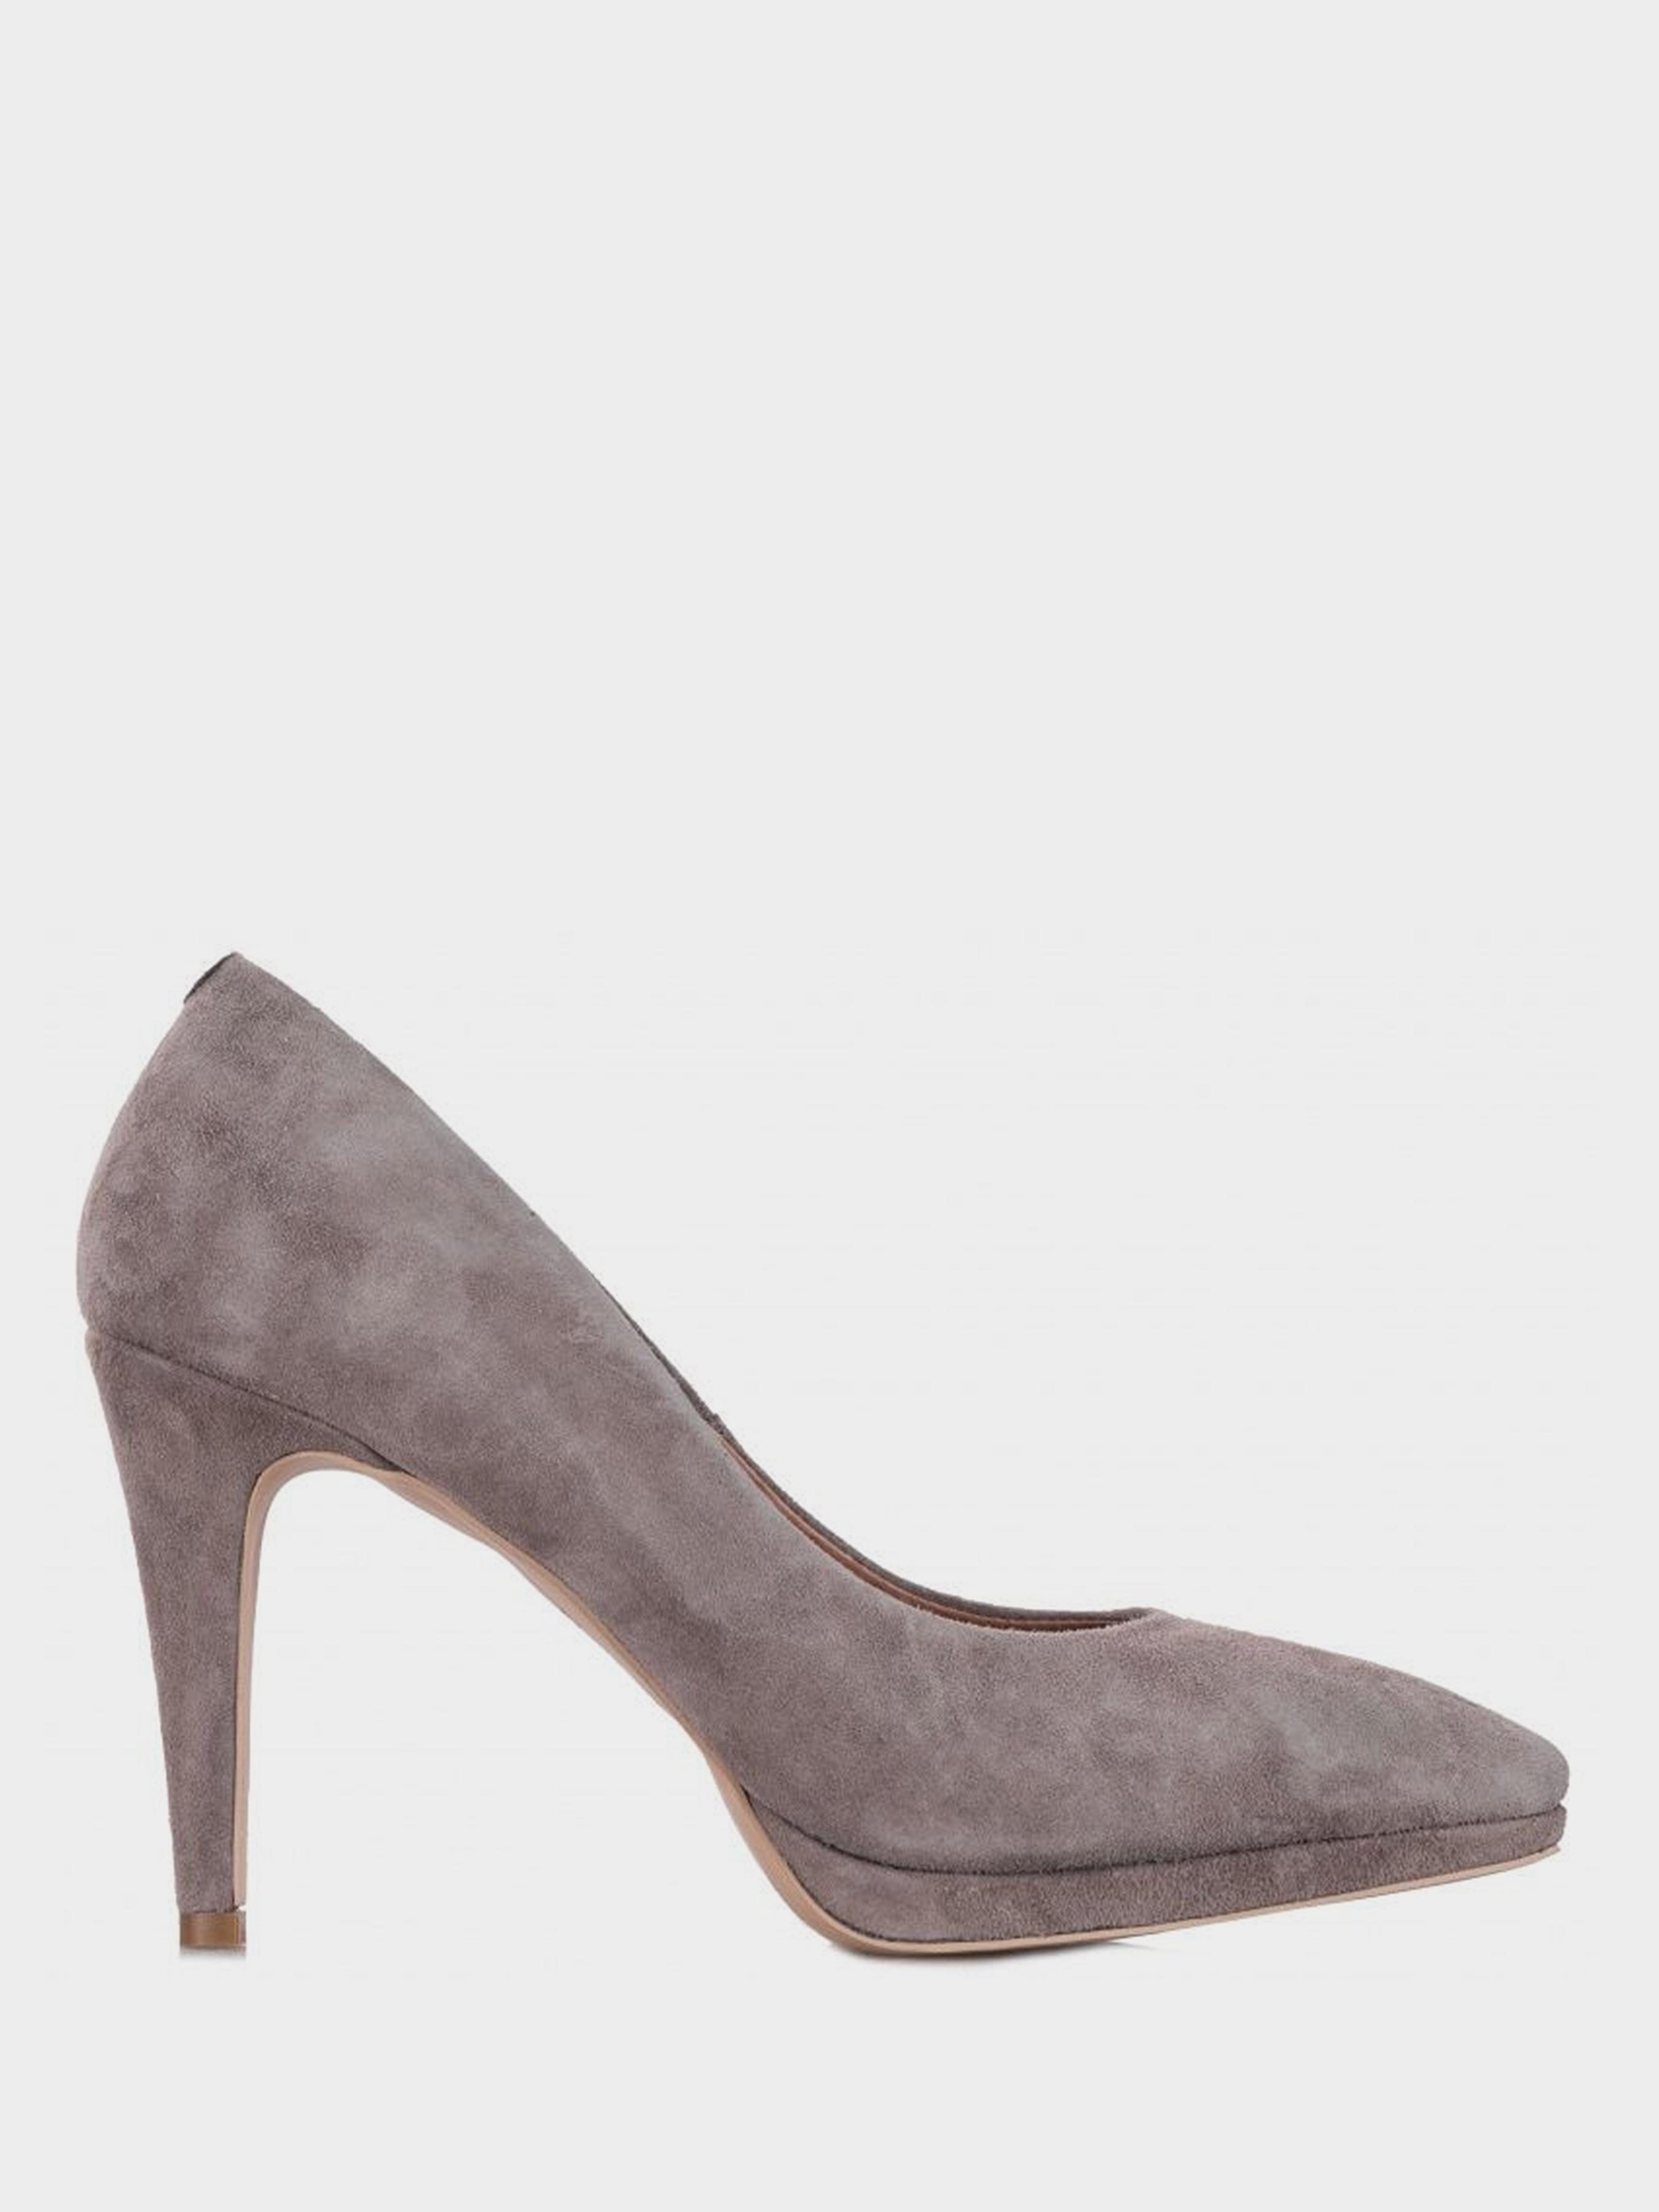 Купить Туфли женские GAMA 2Z61, Бежевый